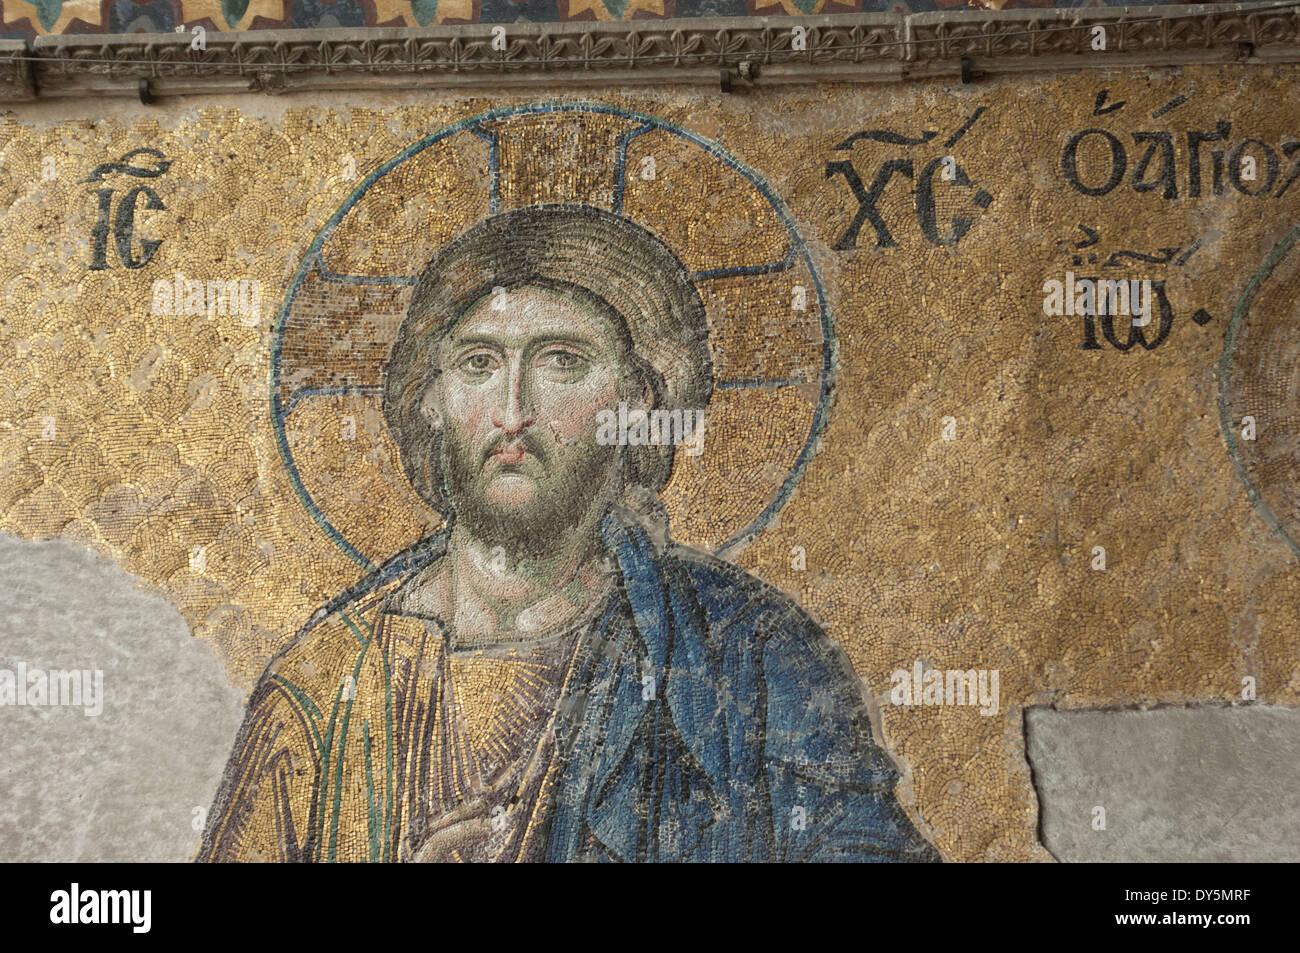 Mosaico bizantino di Gesù nell'Hagia Sophia, Istanbul. Fotografia digitale Foto Stock